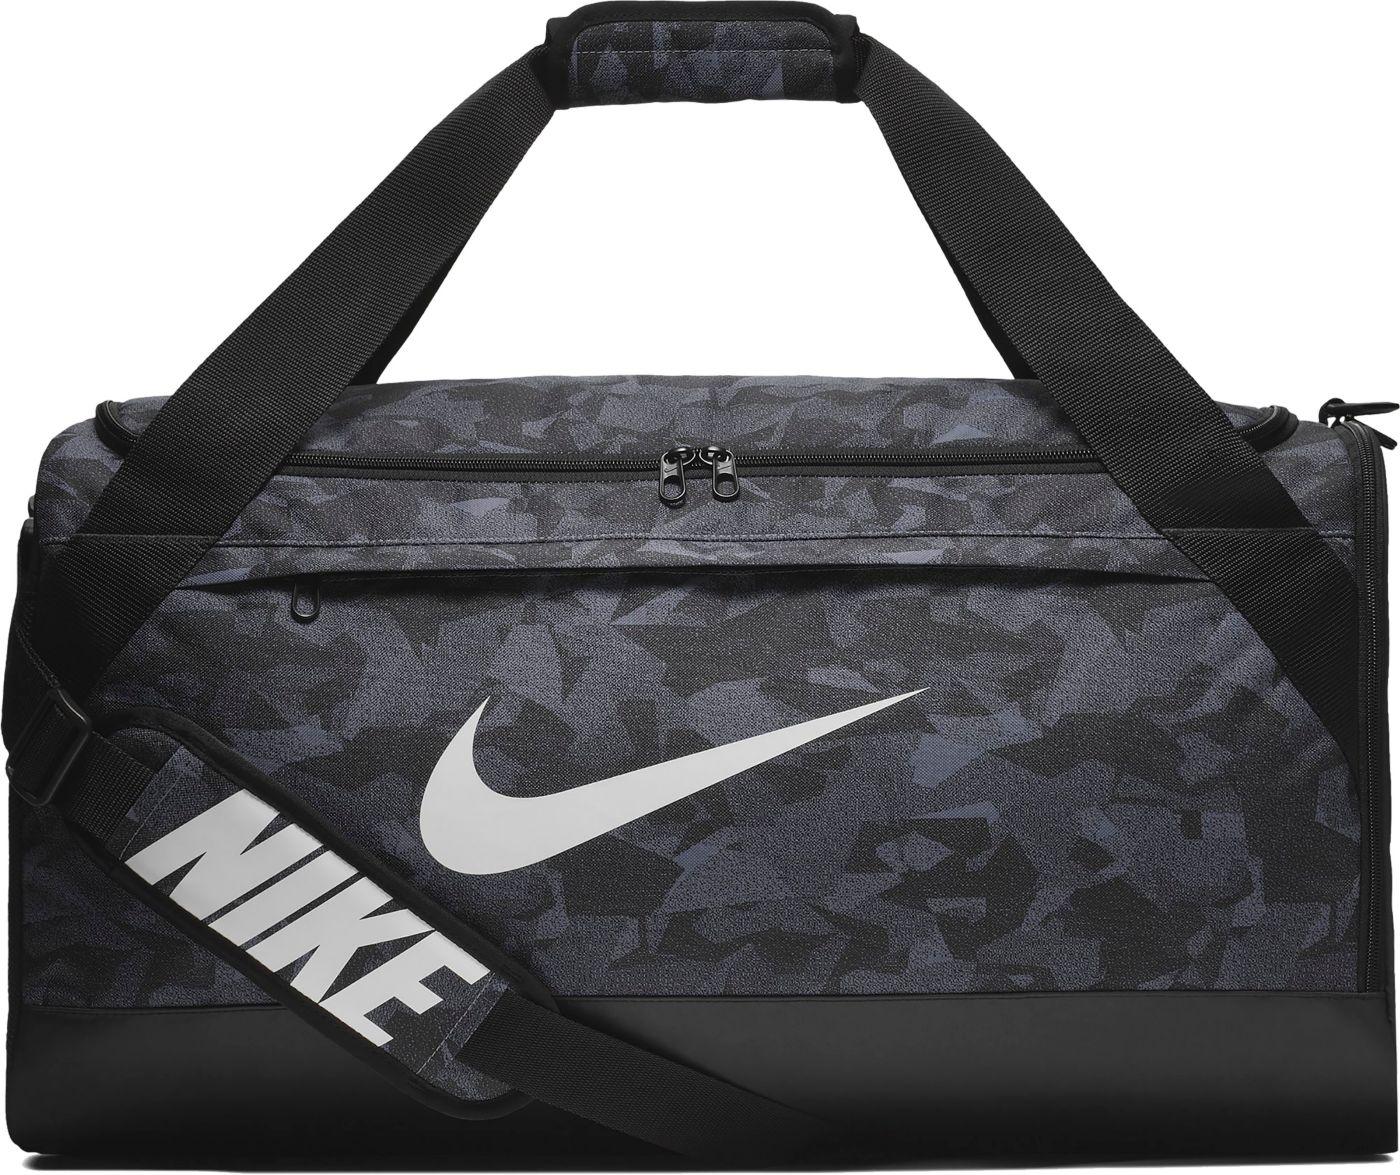 Nike Brasilia Medium Printed Duffle Bag